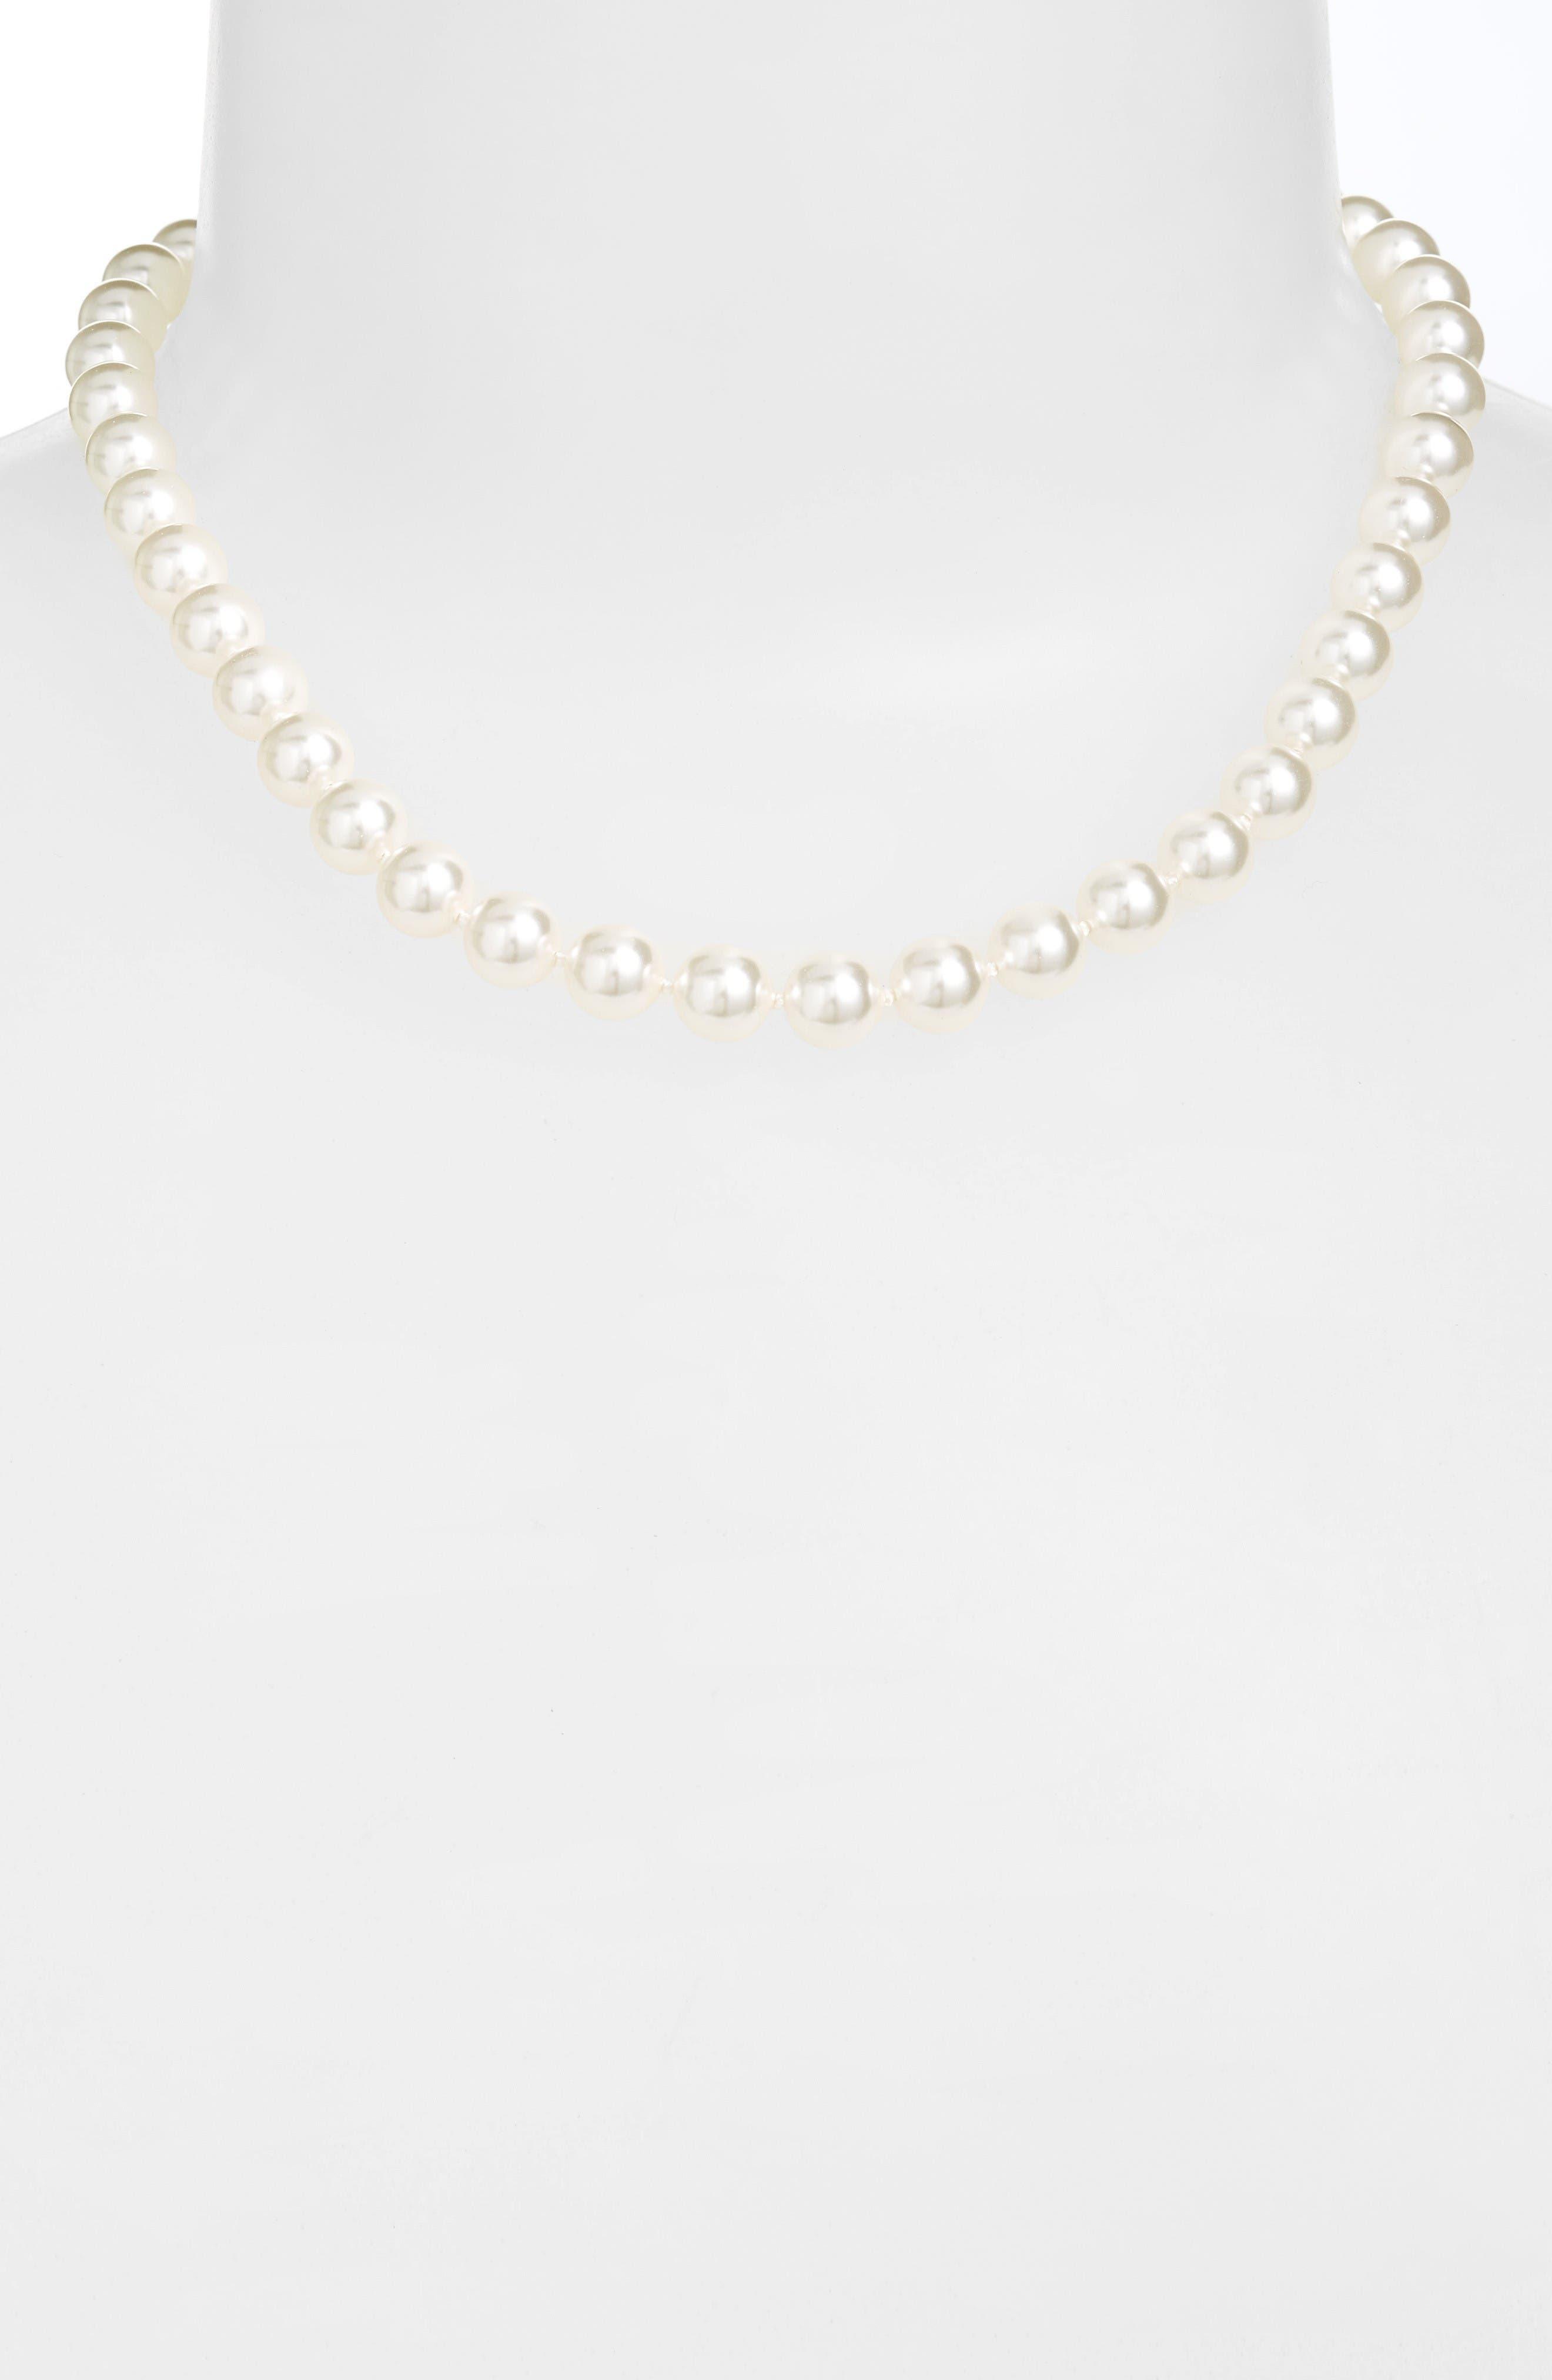 NADRI 16-Inch Glass Pearl Strand Necklace